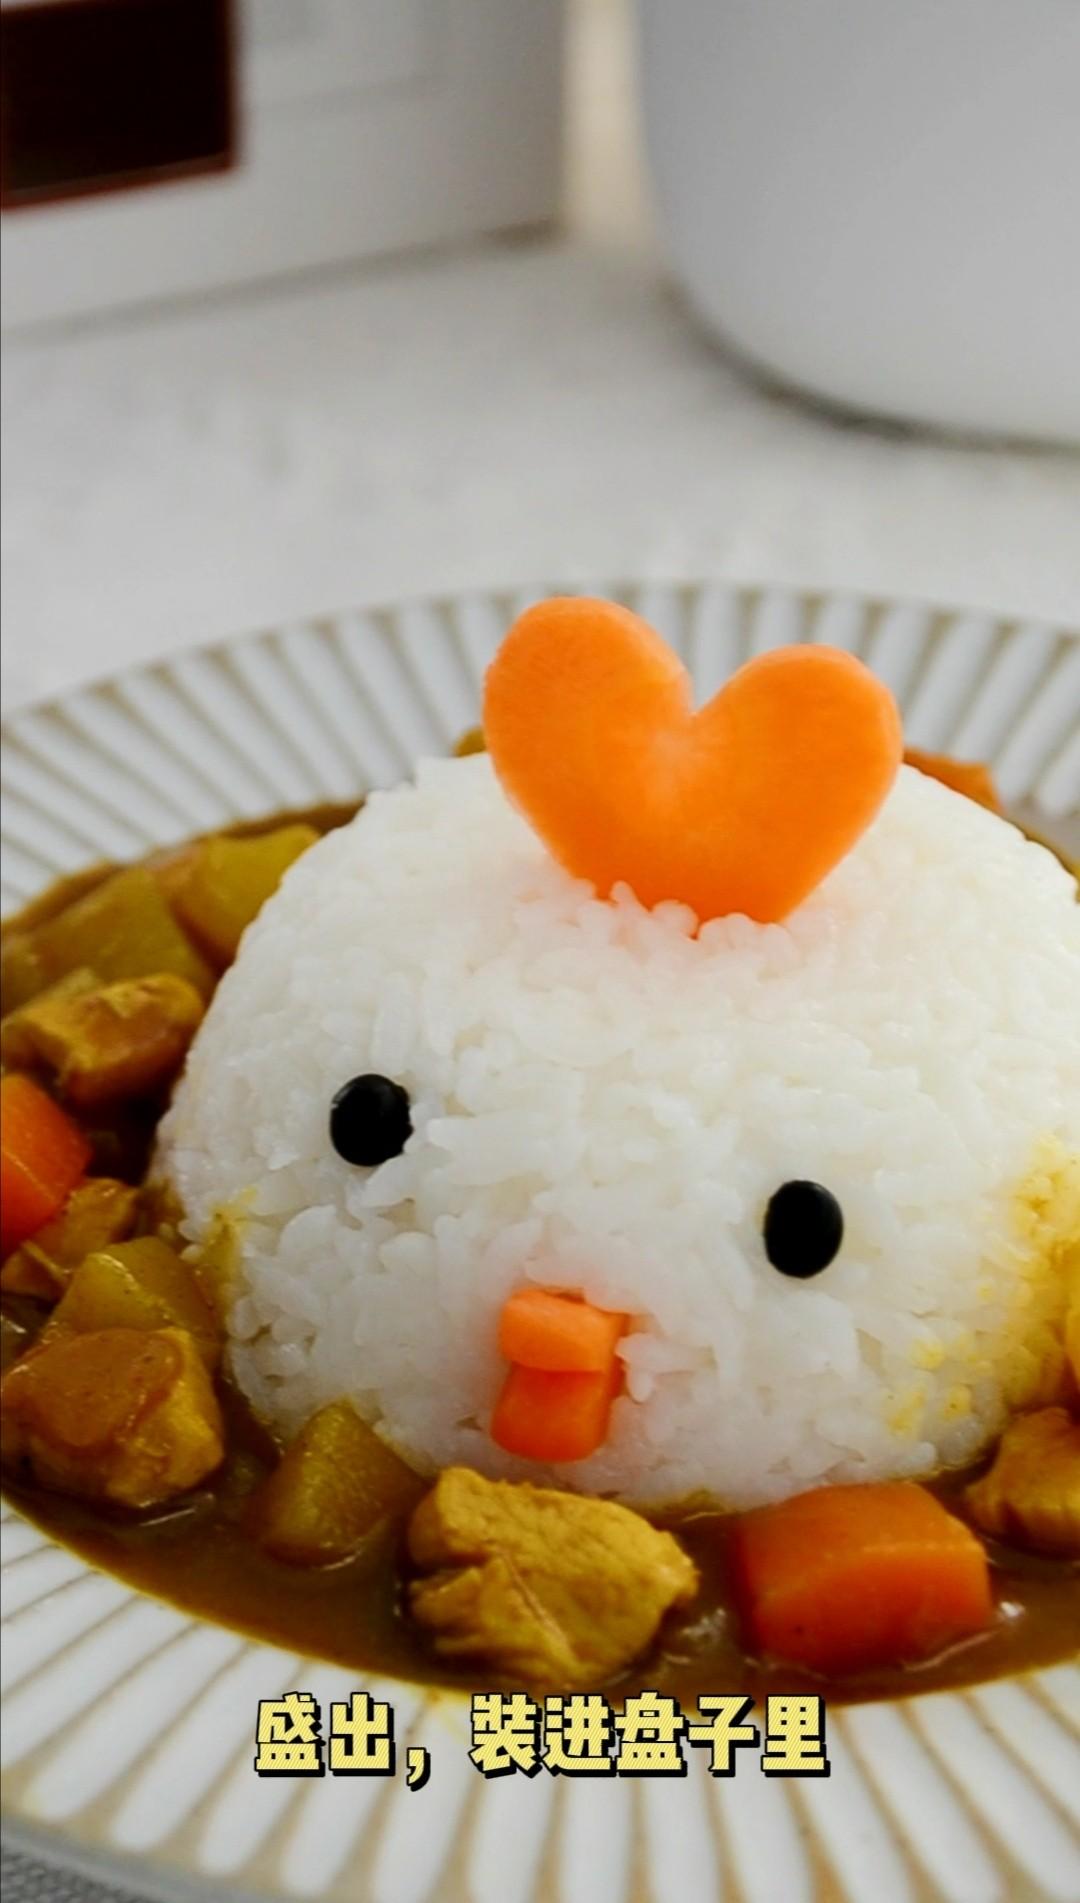 超可爱的小萌鸡咖喱饭,做法简单,宝宝超爱吃怎样煸